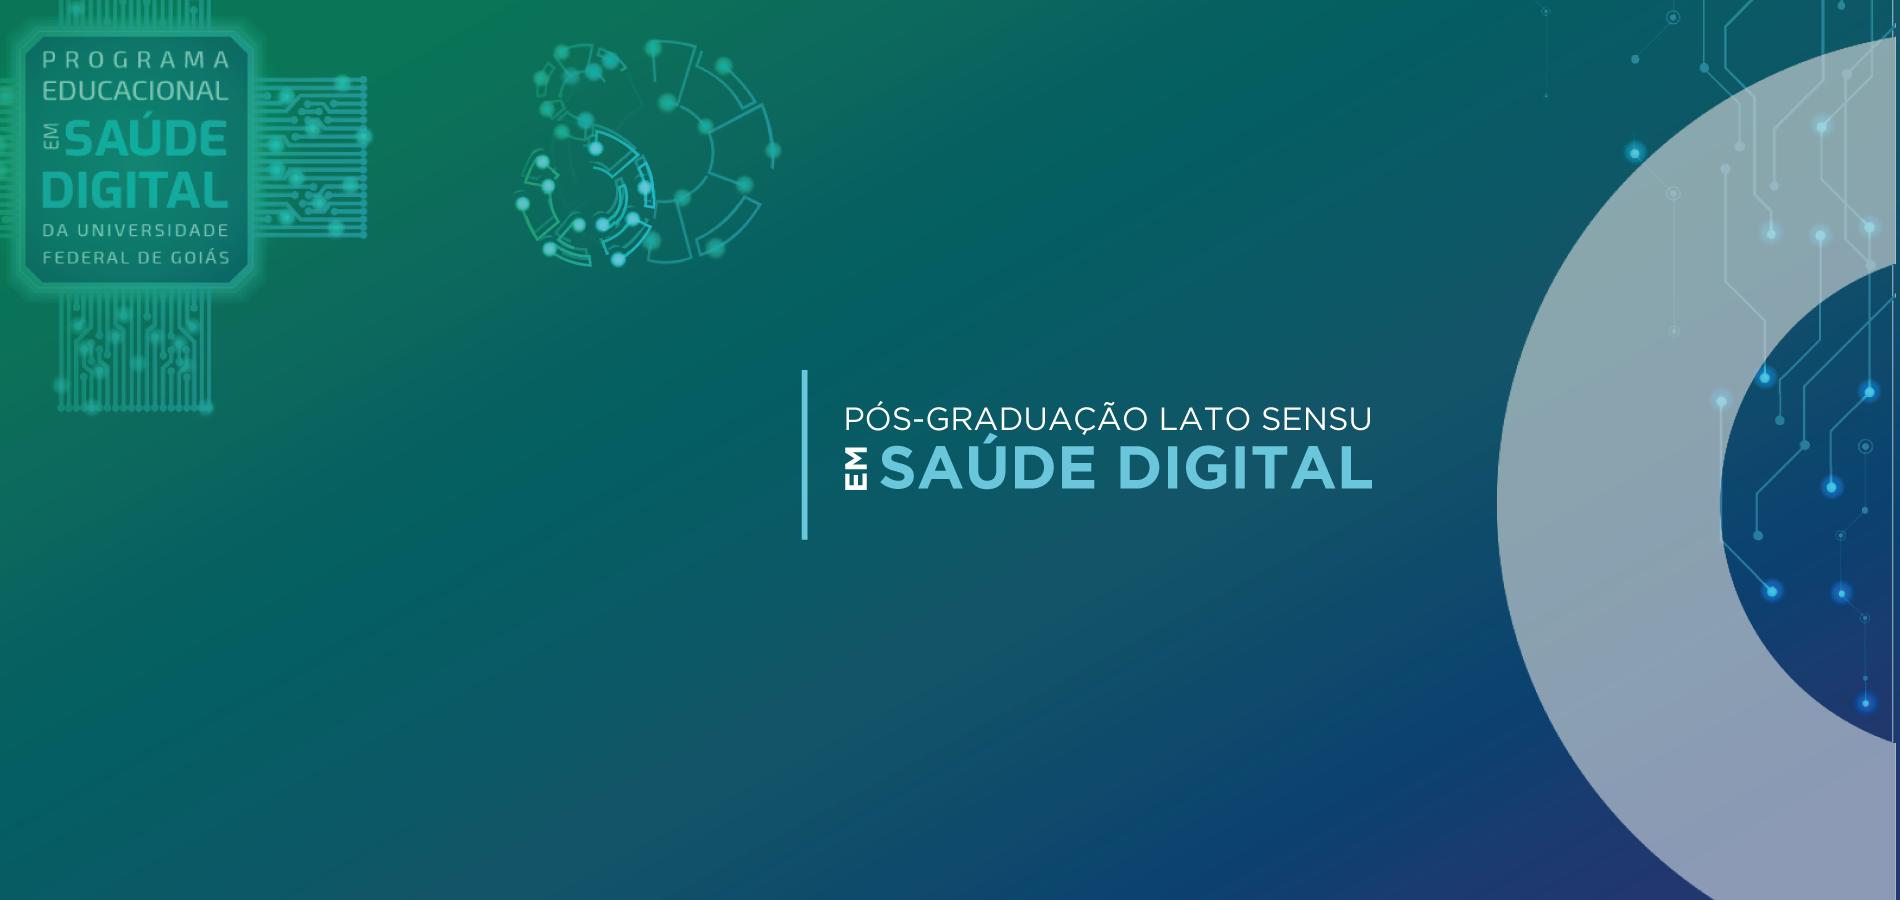 Saúde digital é tema de primeiro encontro online de curso oferecido pela UFG em pós-graduação na área